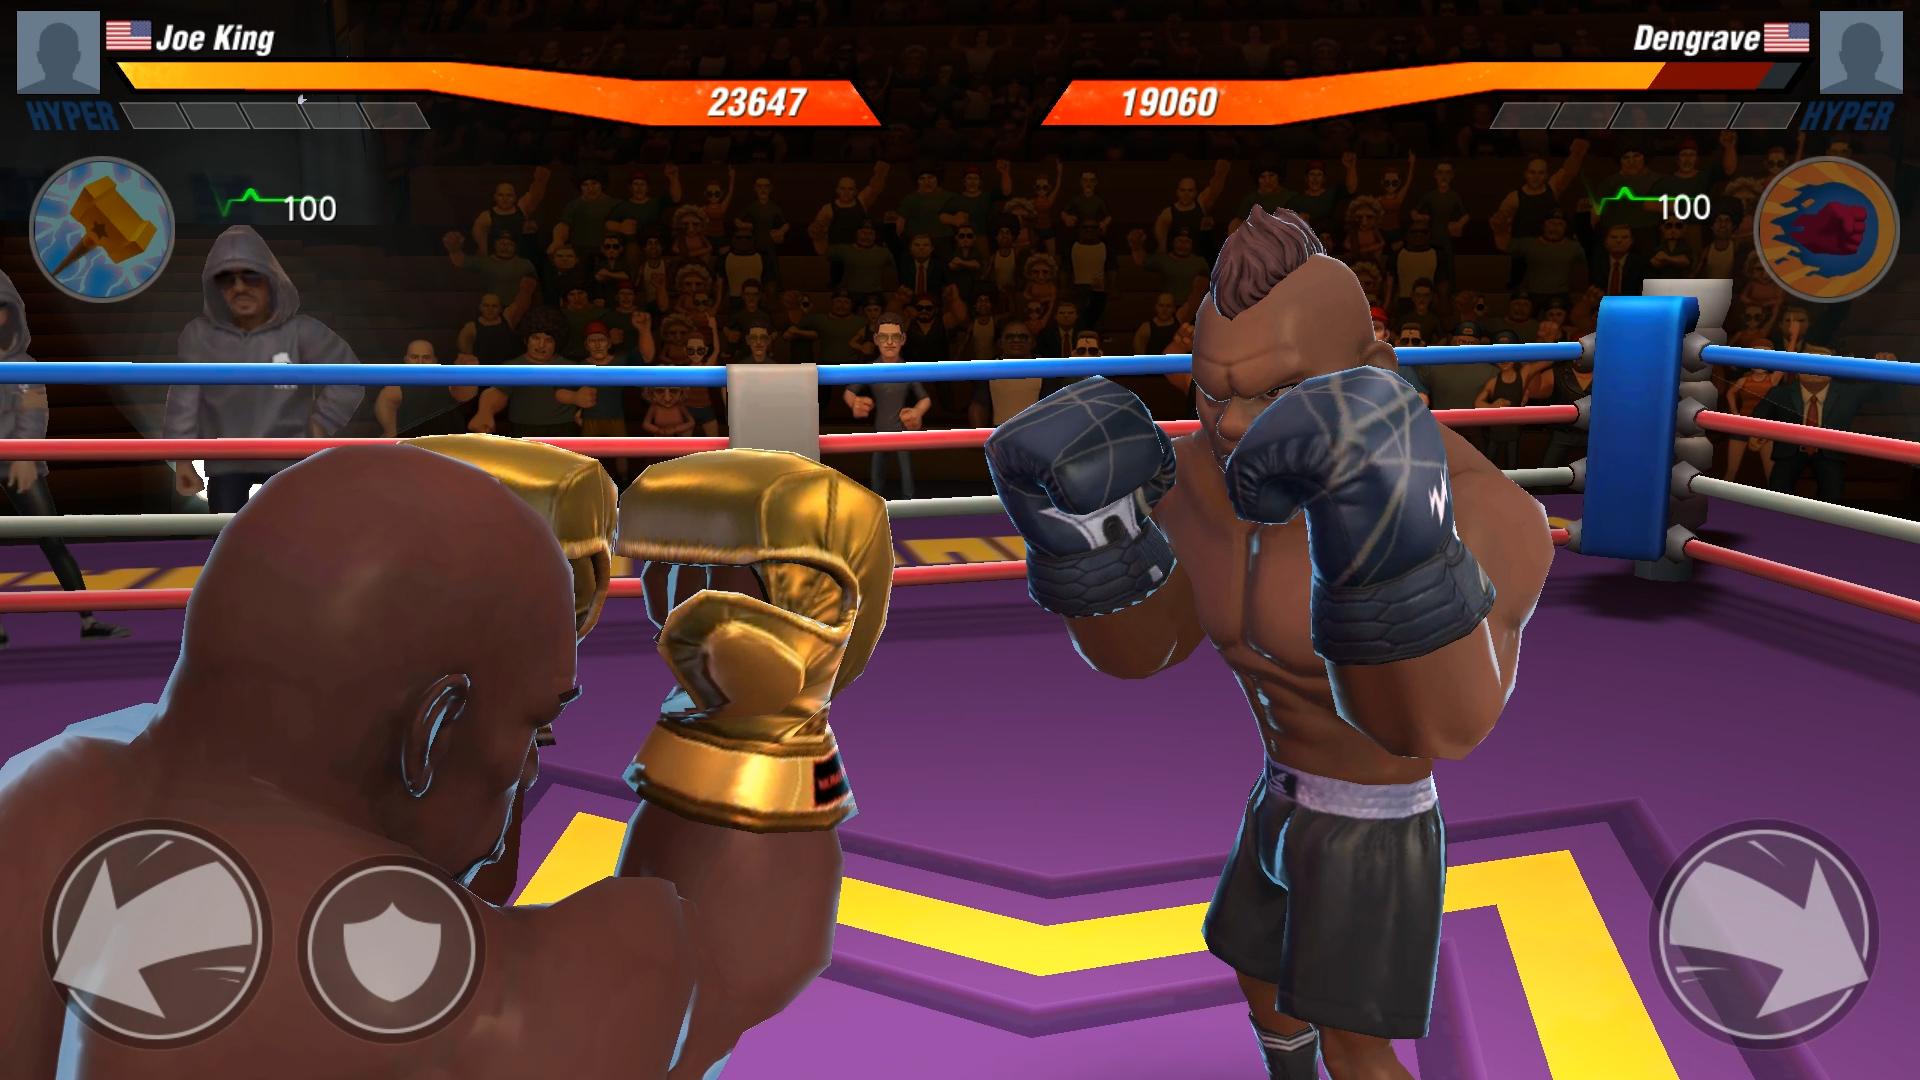 скачать взломанную игру звезда бокса